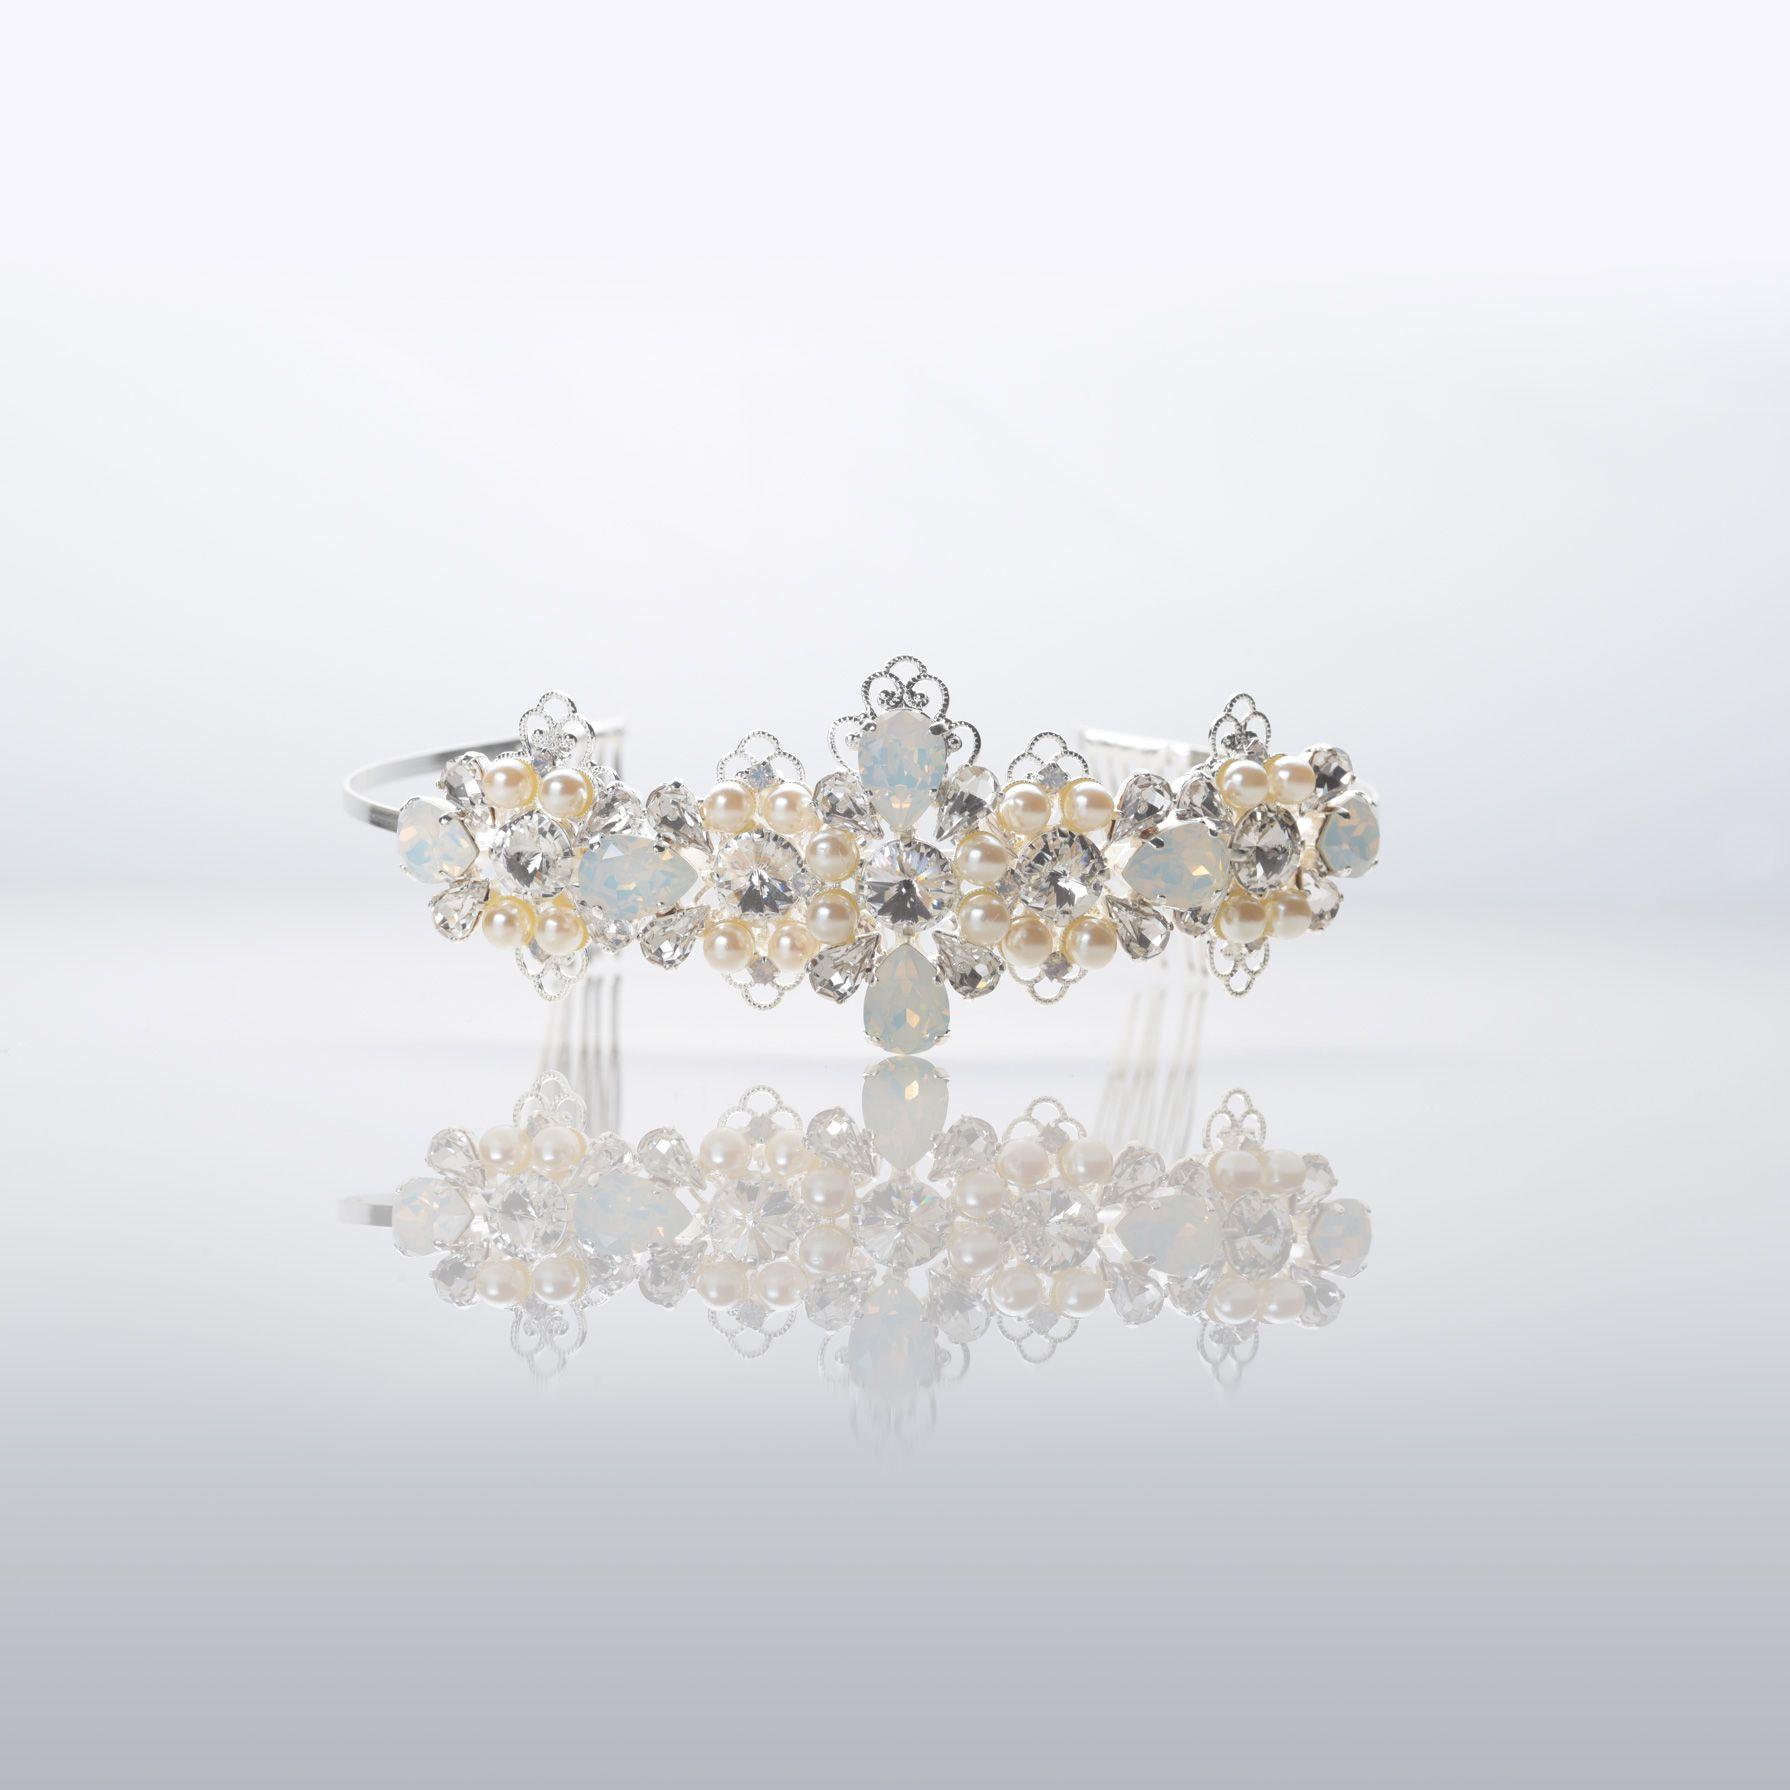 Elegant Jewel: NIBI18002SL // Coroncina Con Decorazioni Di Colore Argento,  Arricchita Da Preziose Perle